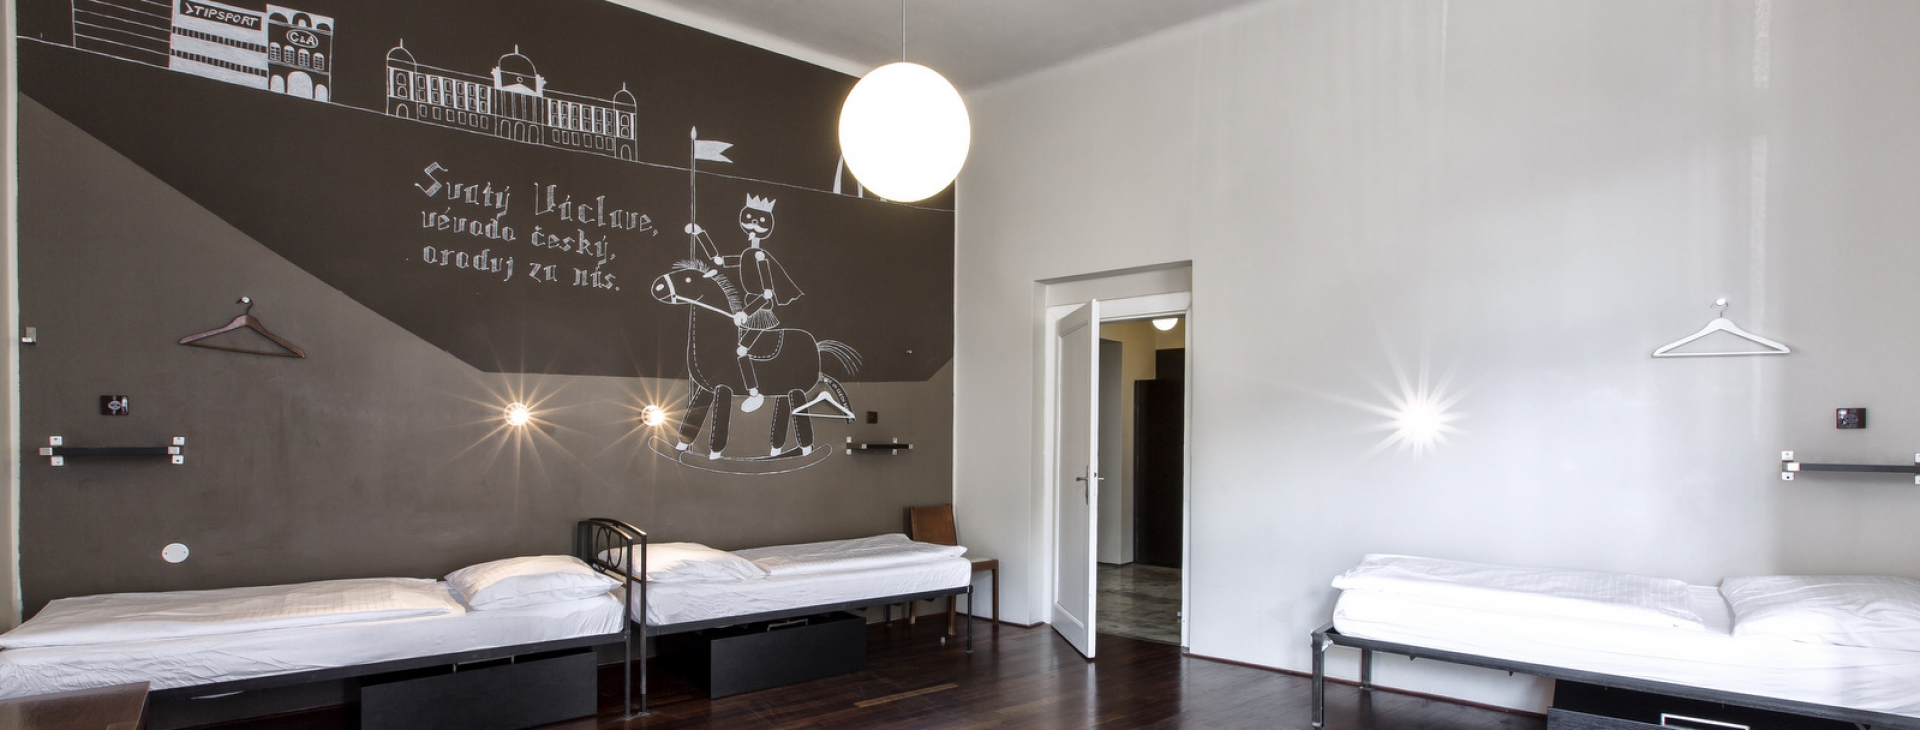 Design small dorms